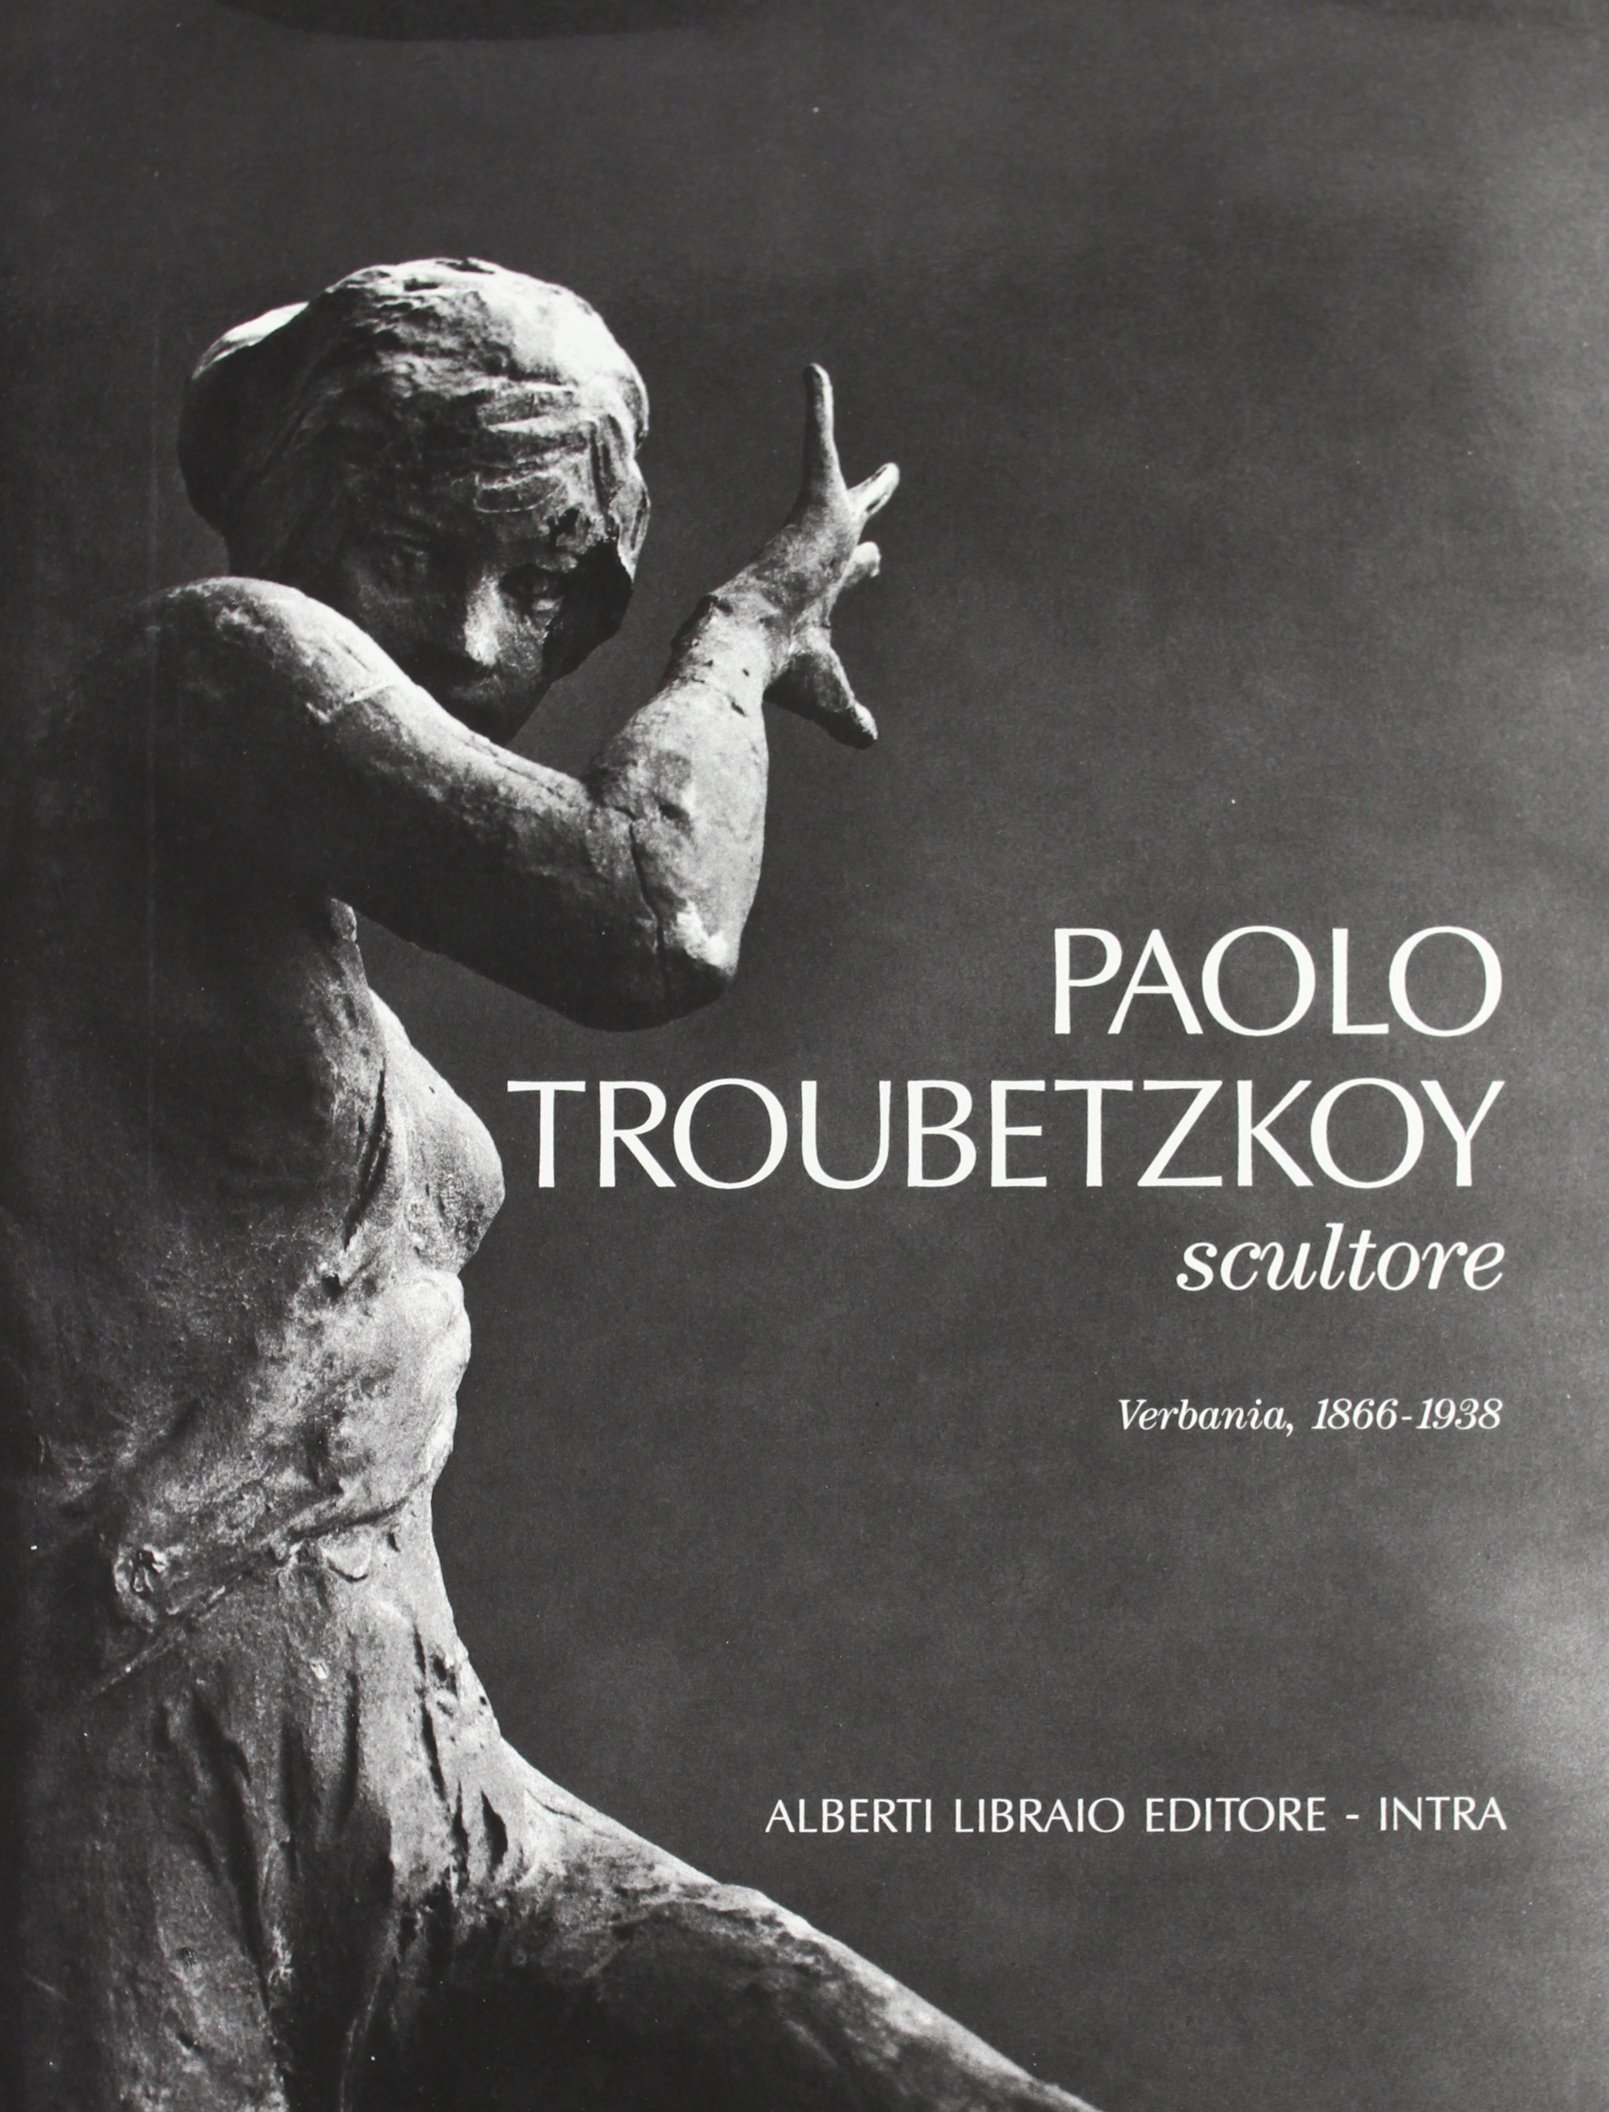 paolo-troubetzkoy-scultore-verbania-1866-1938-artisti-di-verbanus